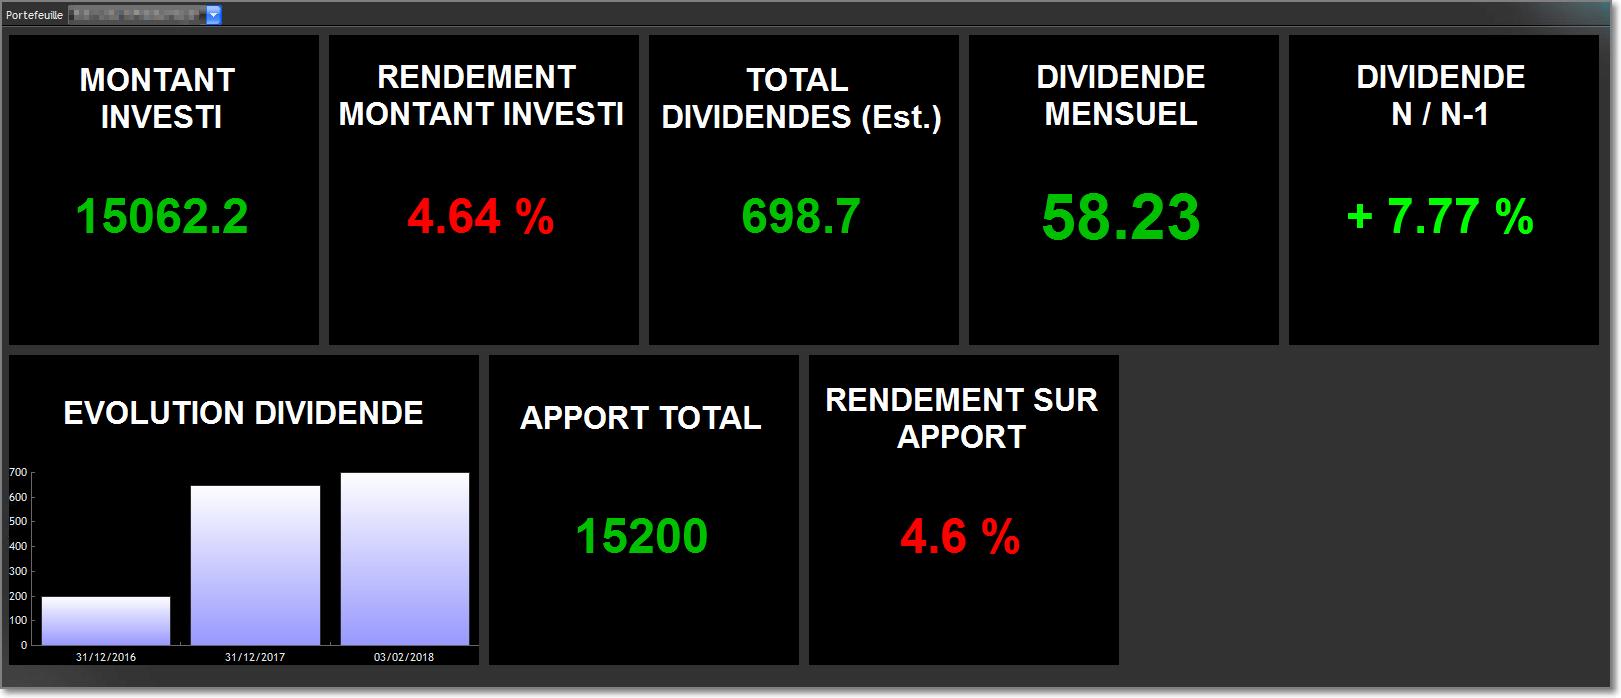 http://www.aristocrates-du-dividende.fr/wp-content/uploads/2018/02/Image039.png